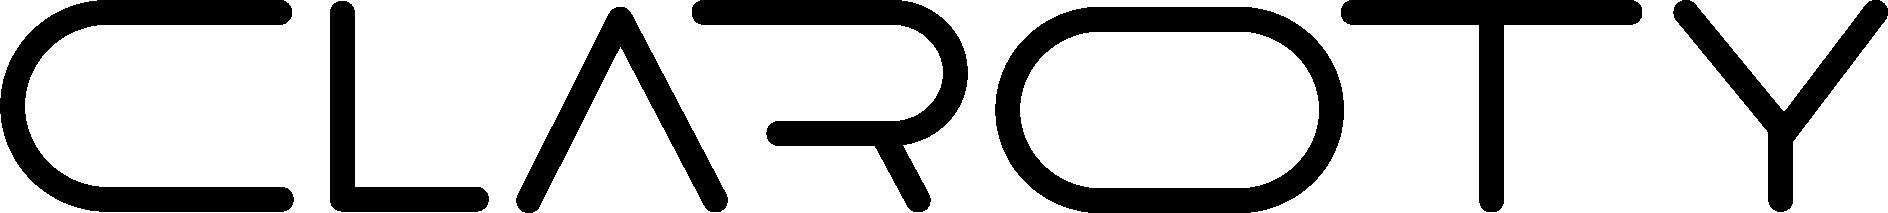 Claroty_logo_Black